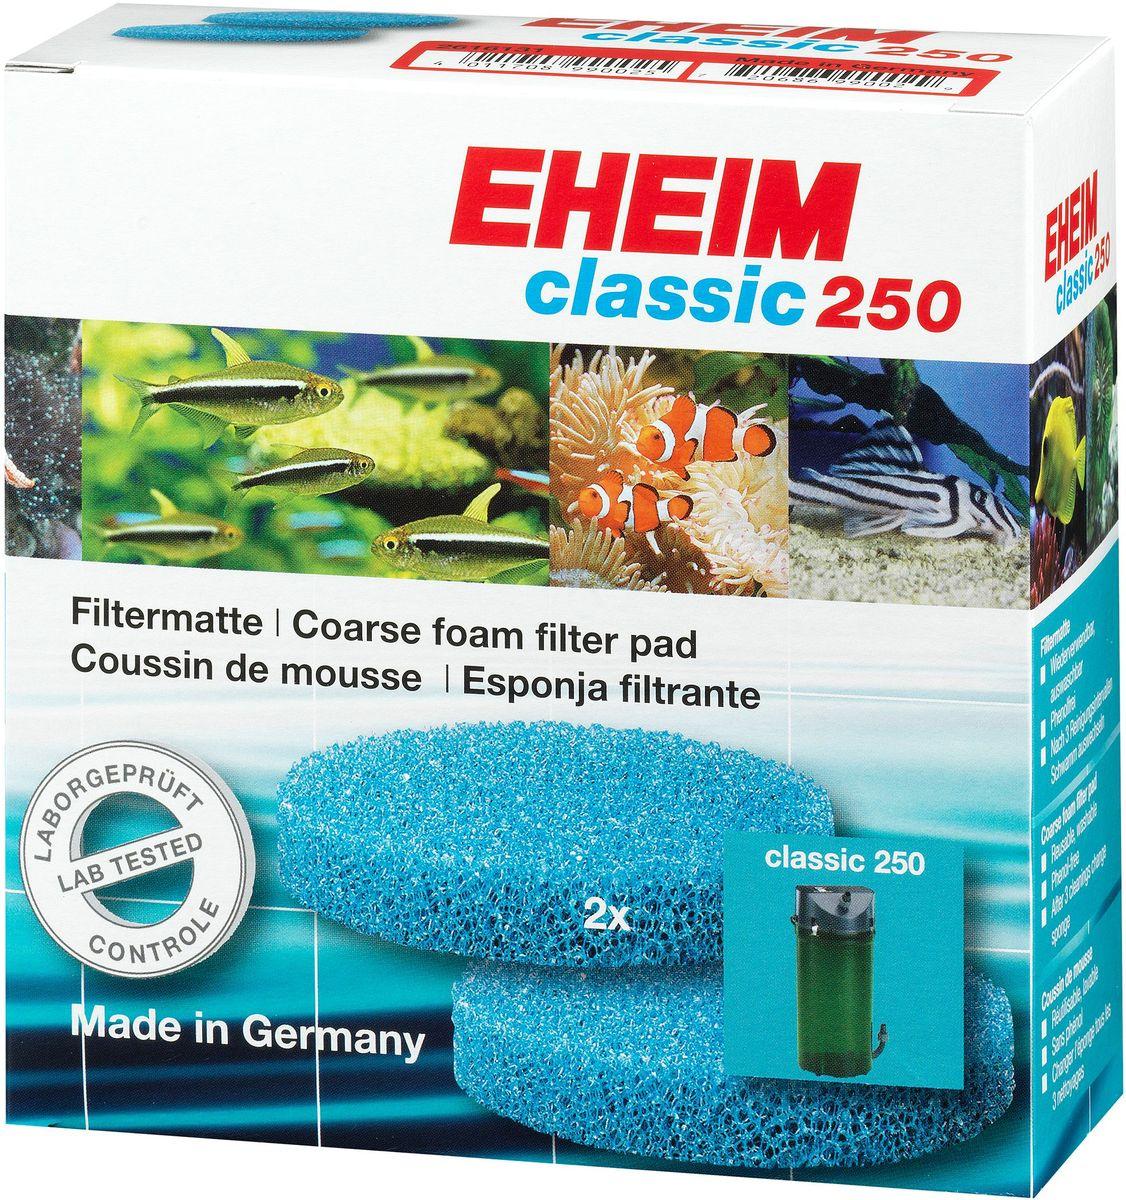 Наполнитель для фильтра Eheim Classic 250, поролон, 2 штART-2270051Пористая губка для фильтров Eheim Classic 250 применяется для механической и биологической очистки воды.